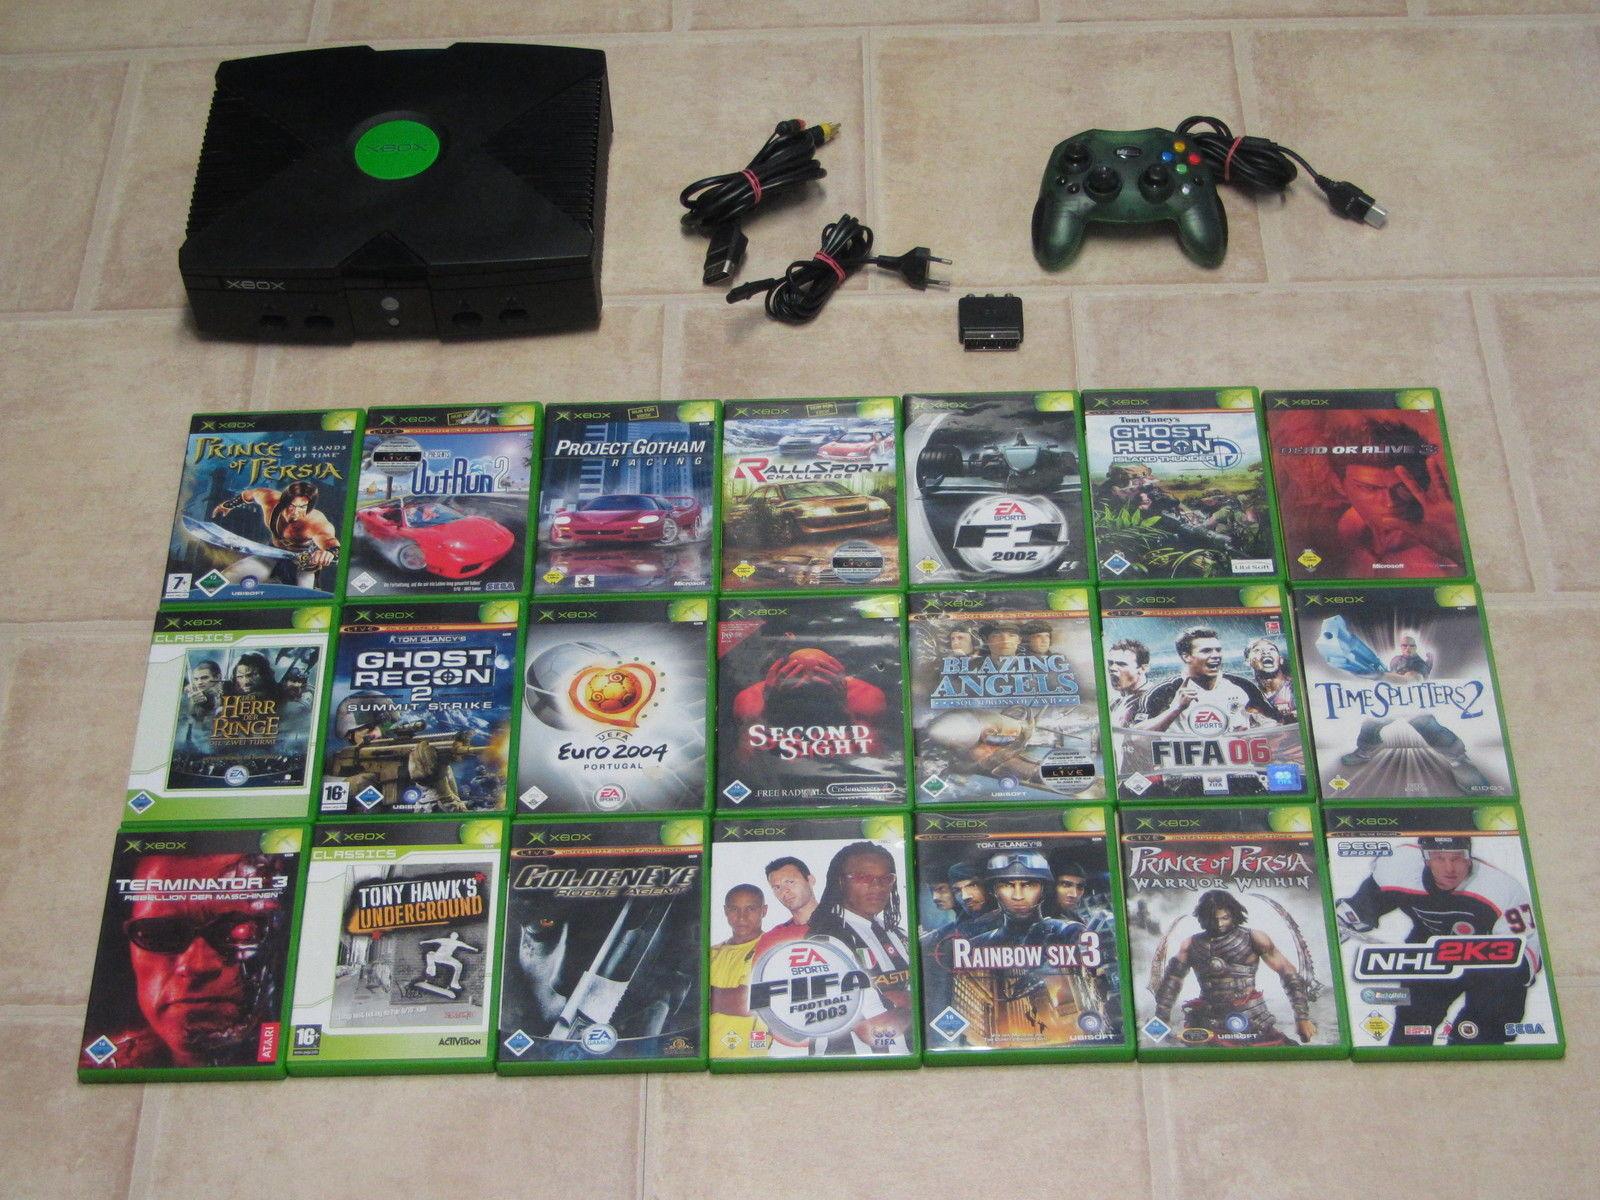 Xbox Konsole komplett mit 5 Gratis Spiele + Controller